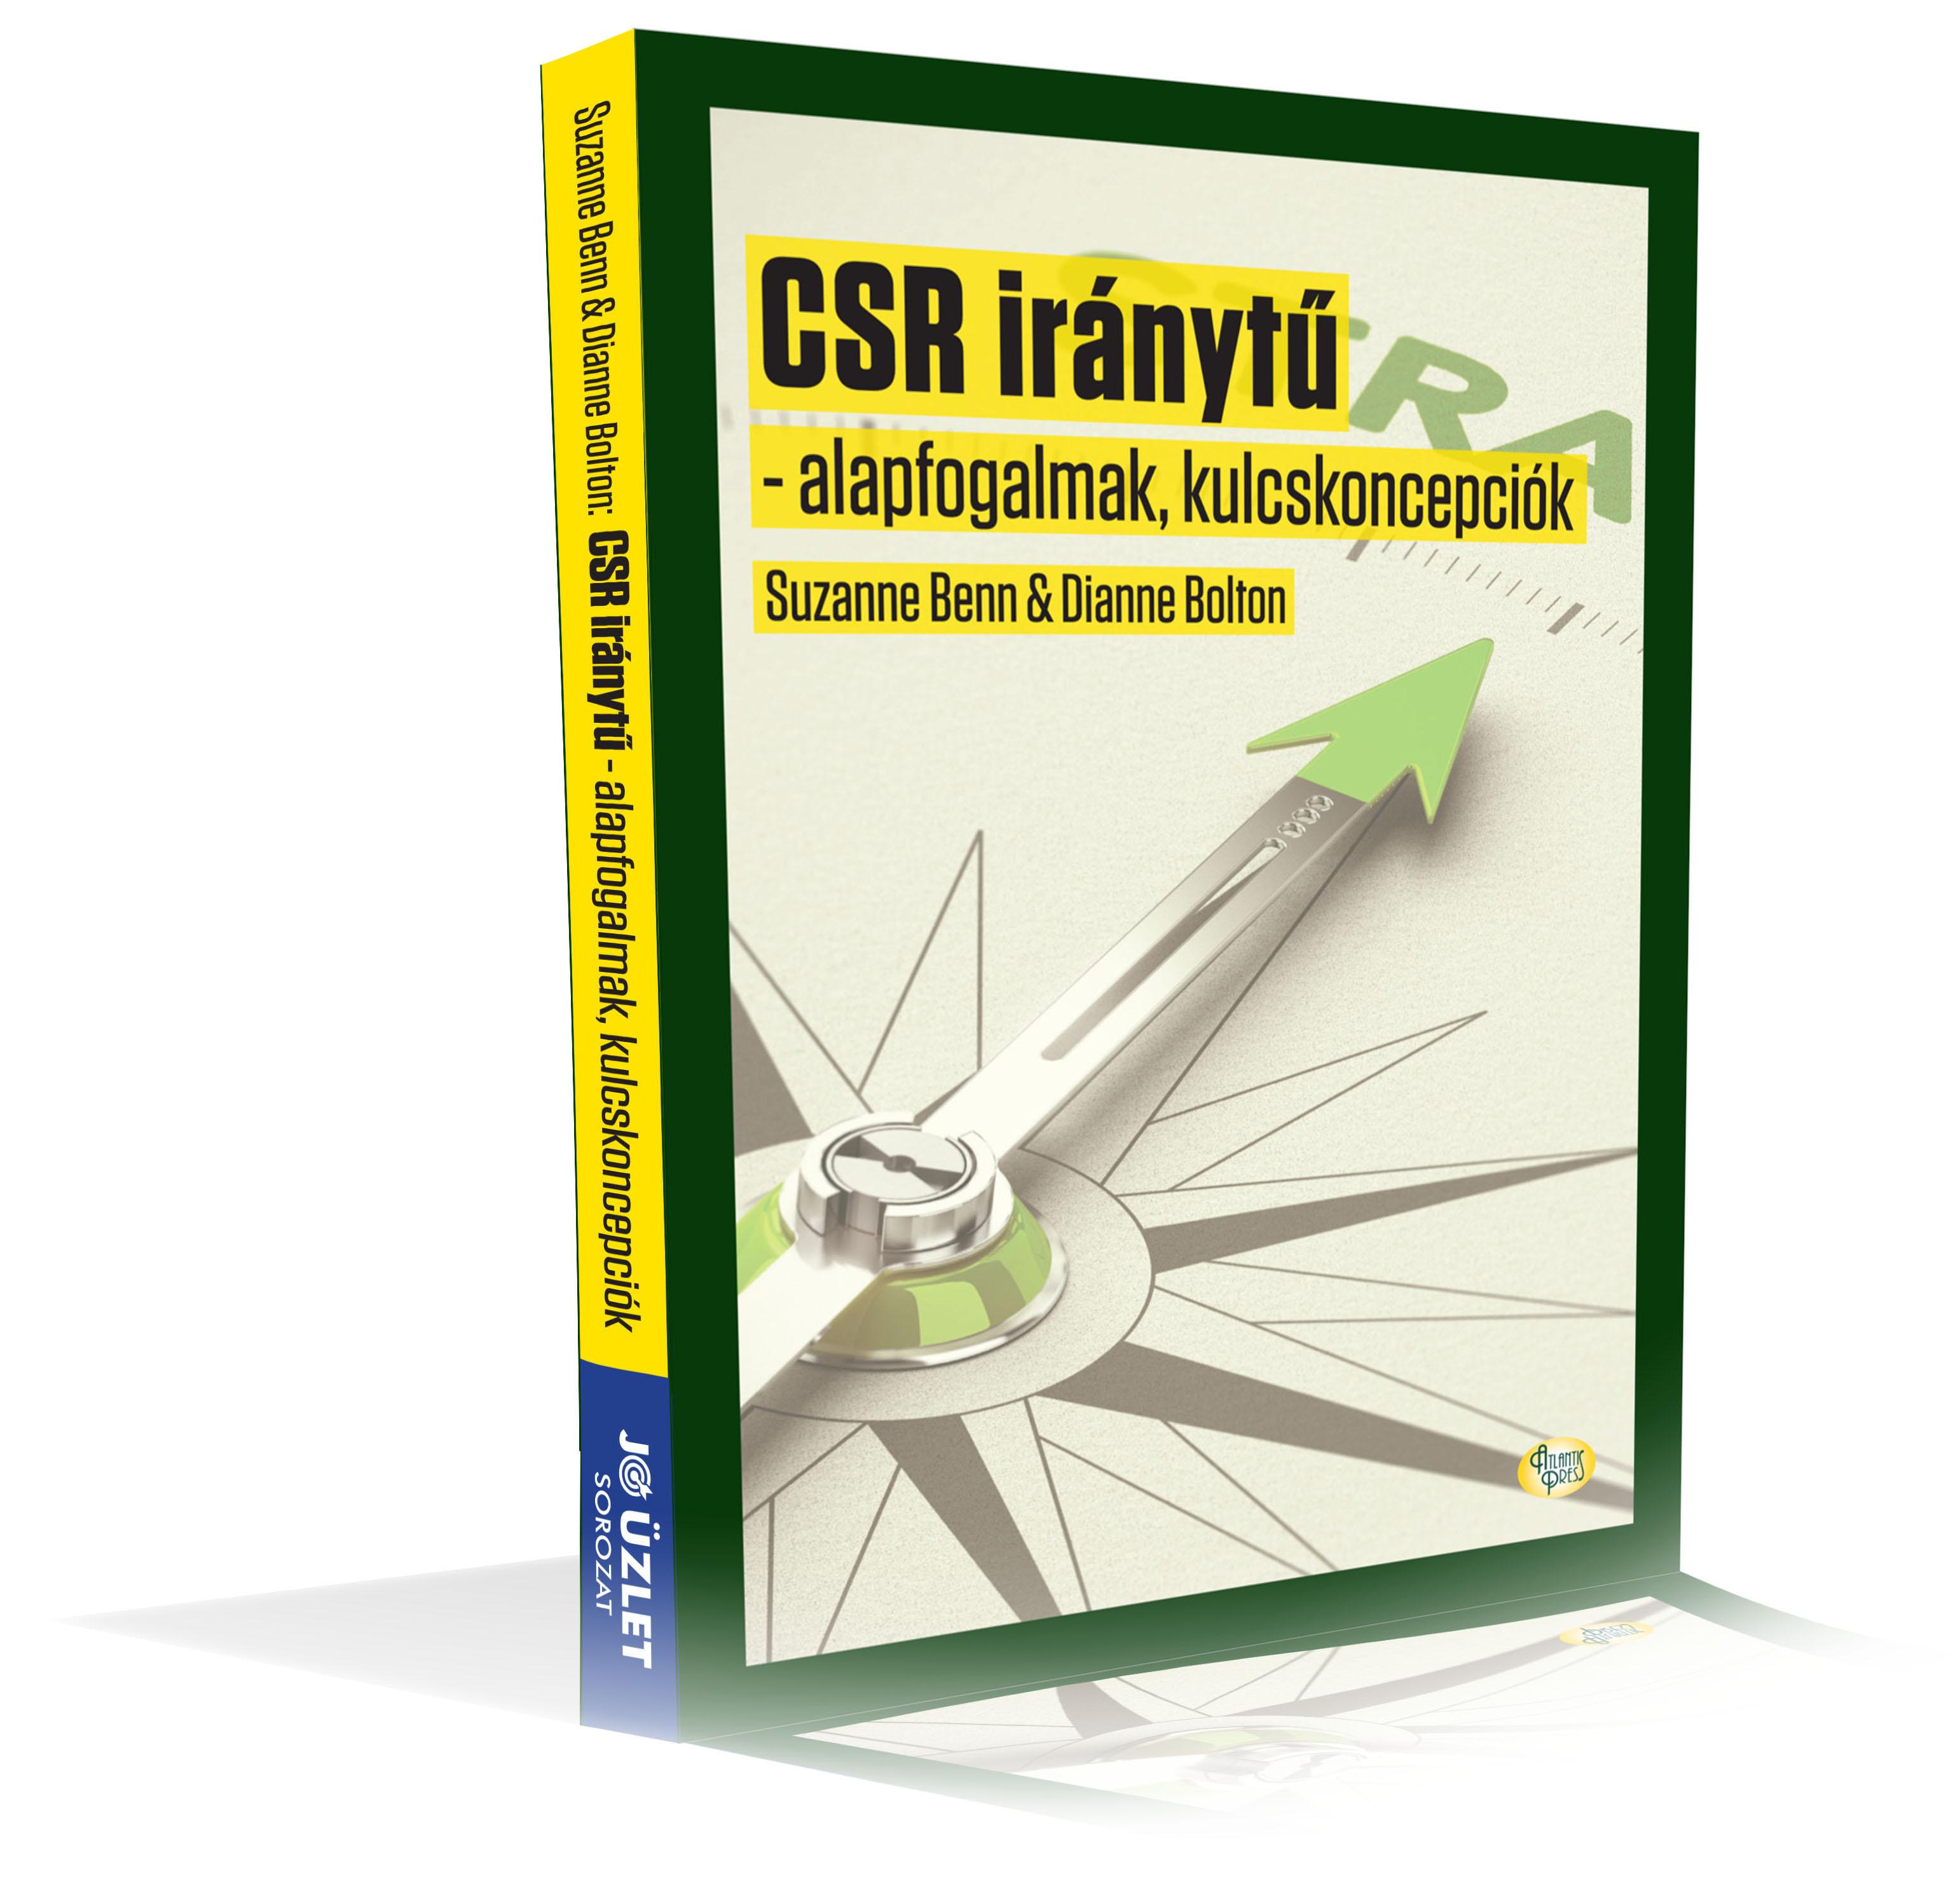 CSR iránytű-kulcsfogalmak, alapkoncepciók